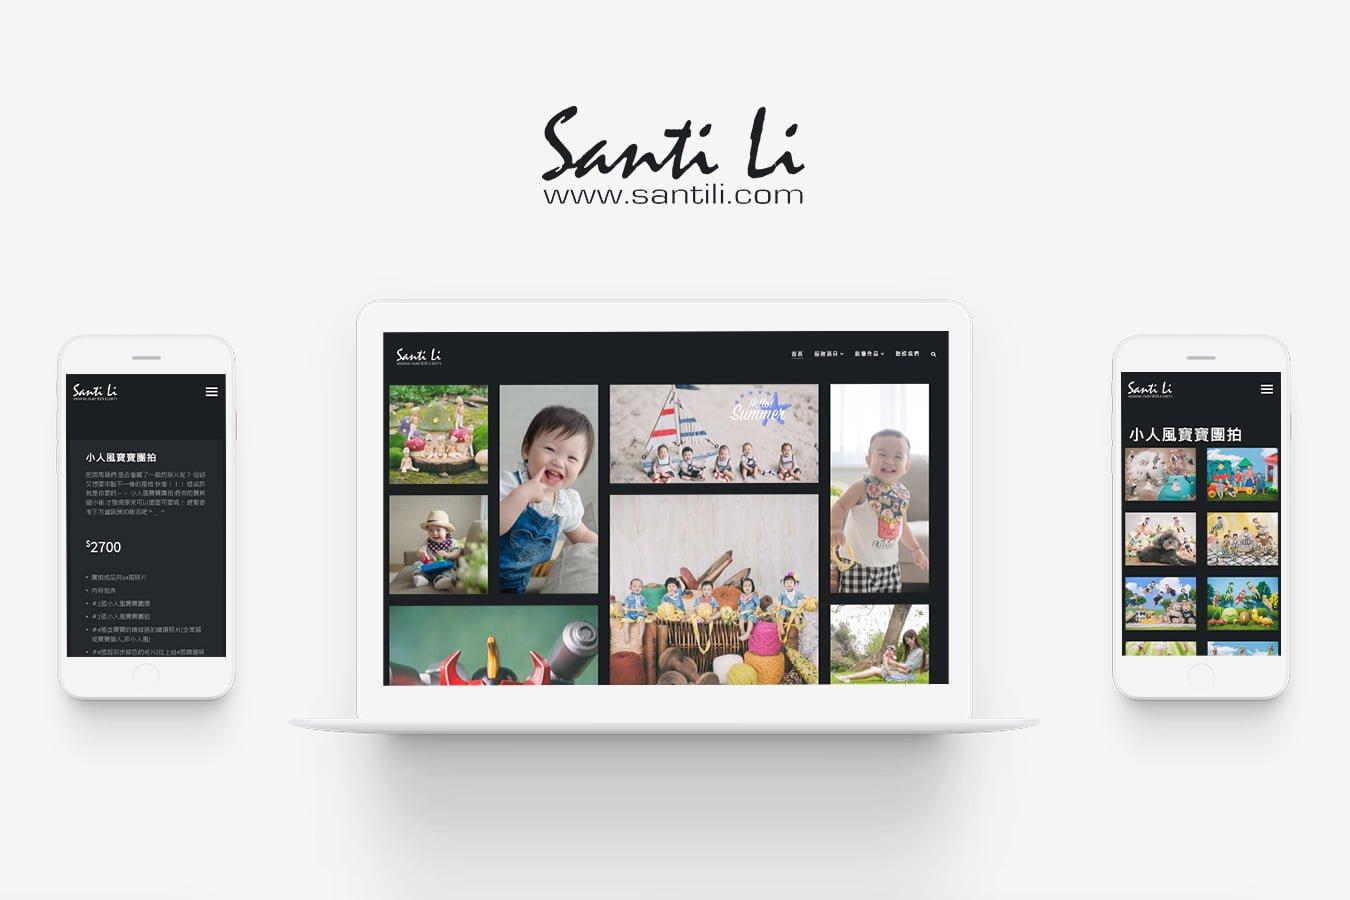 品牌網站   網站設計   品牌化設計打造網站! 品牌形象最佳展示、潛在客戶一眼記住! 交給網站設計專家傑克大俠